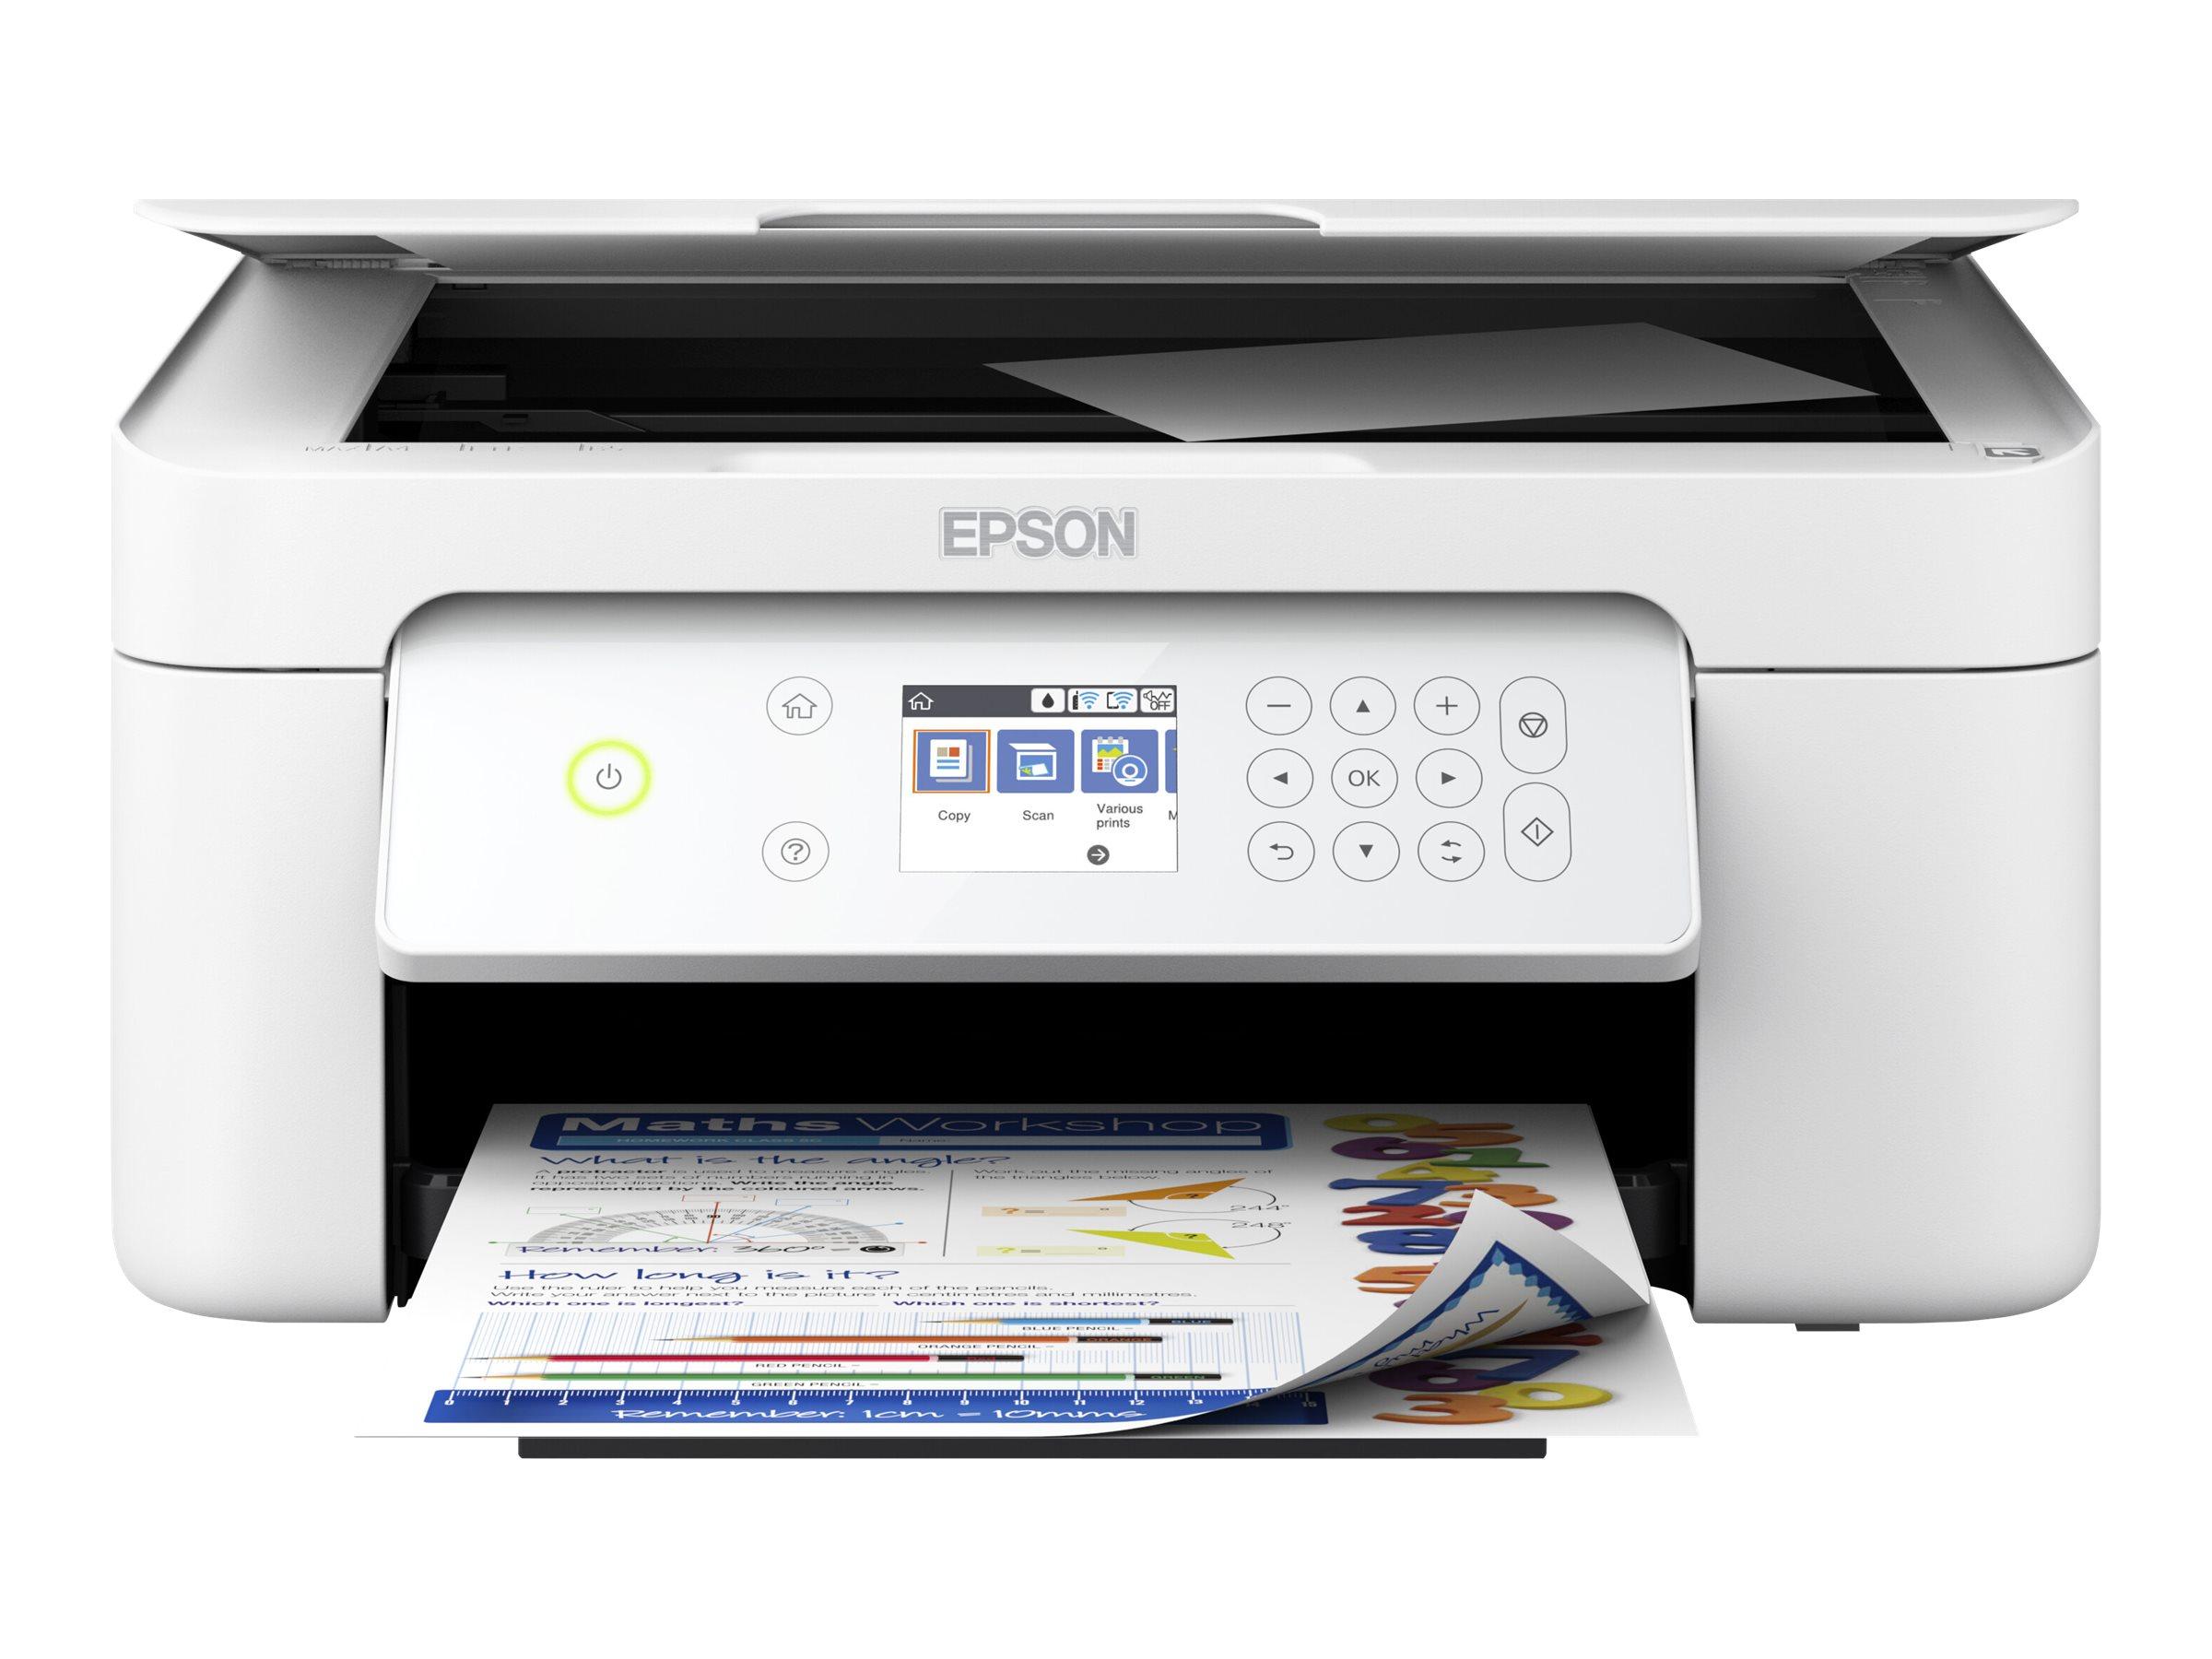 Epson Expression Home - Multifunktionsdrucker - Farbe - Tintenstrahl - A4/Legal (Medien) - bis zu 33 Seiten/Min. (Drucken)